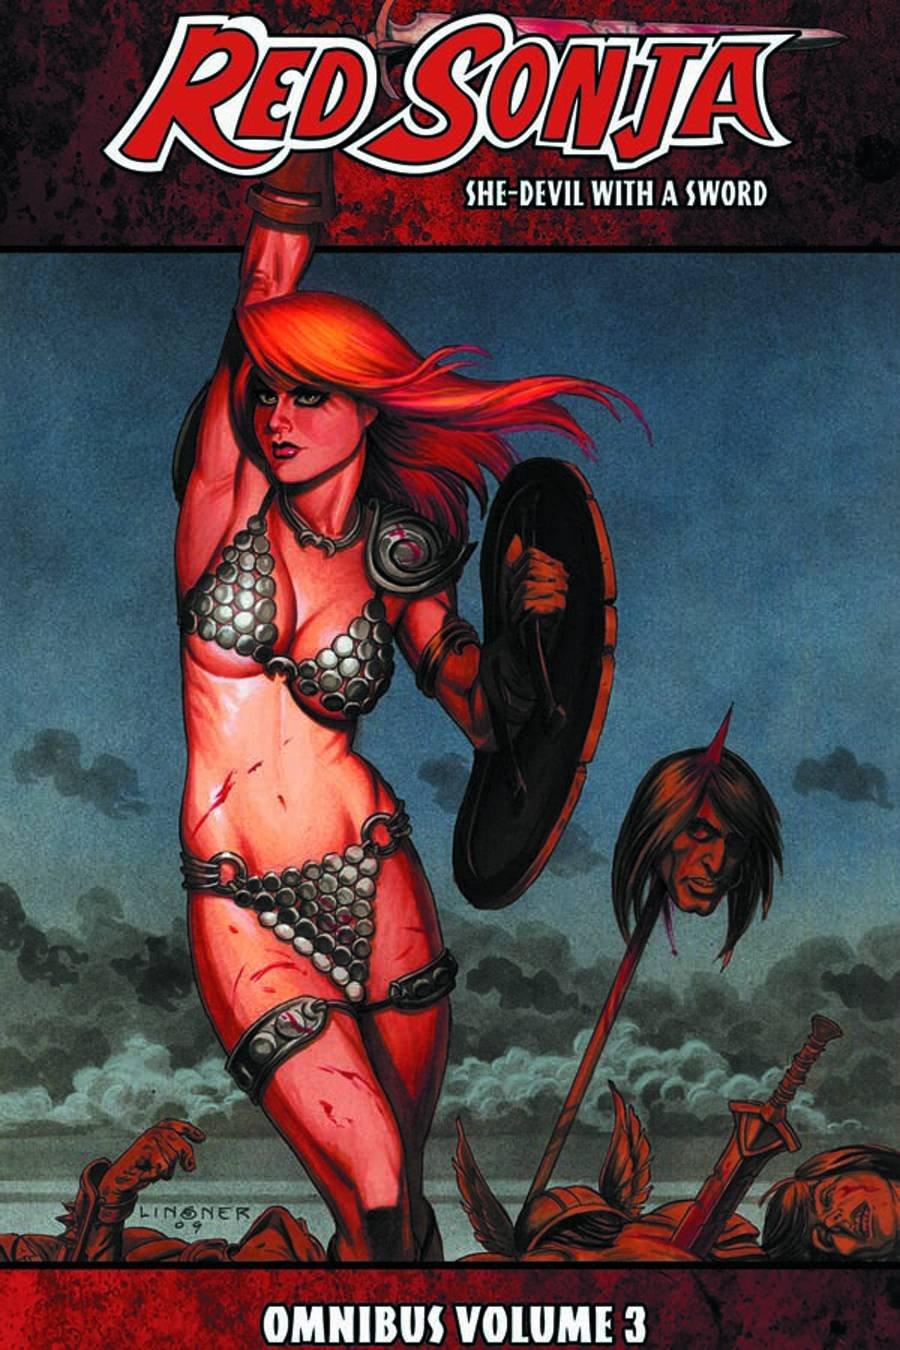 Red Sonja: She-Devil with a Sword Omnibus Volume 3 (Red Sonja Omnibus) pdf